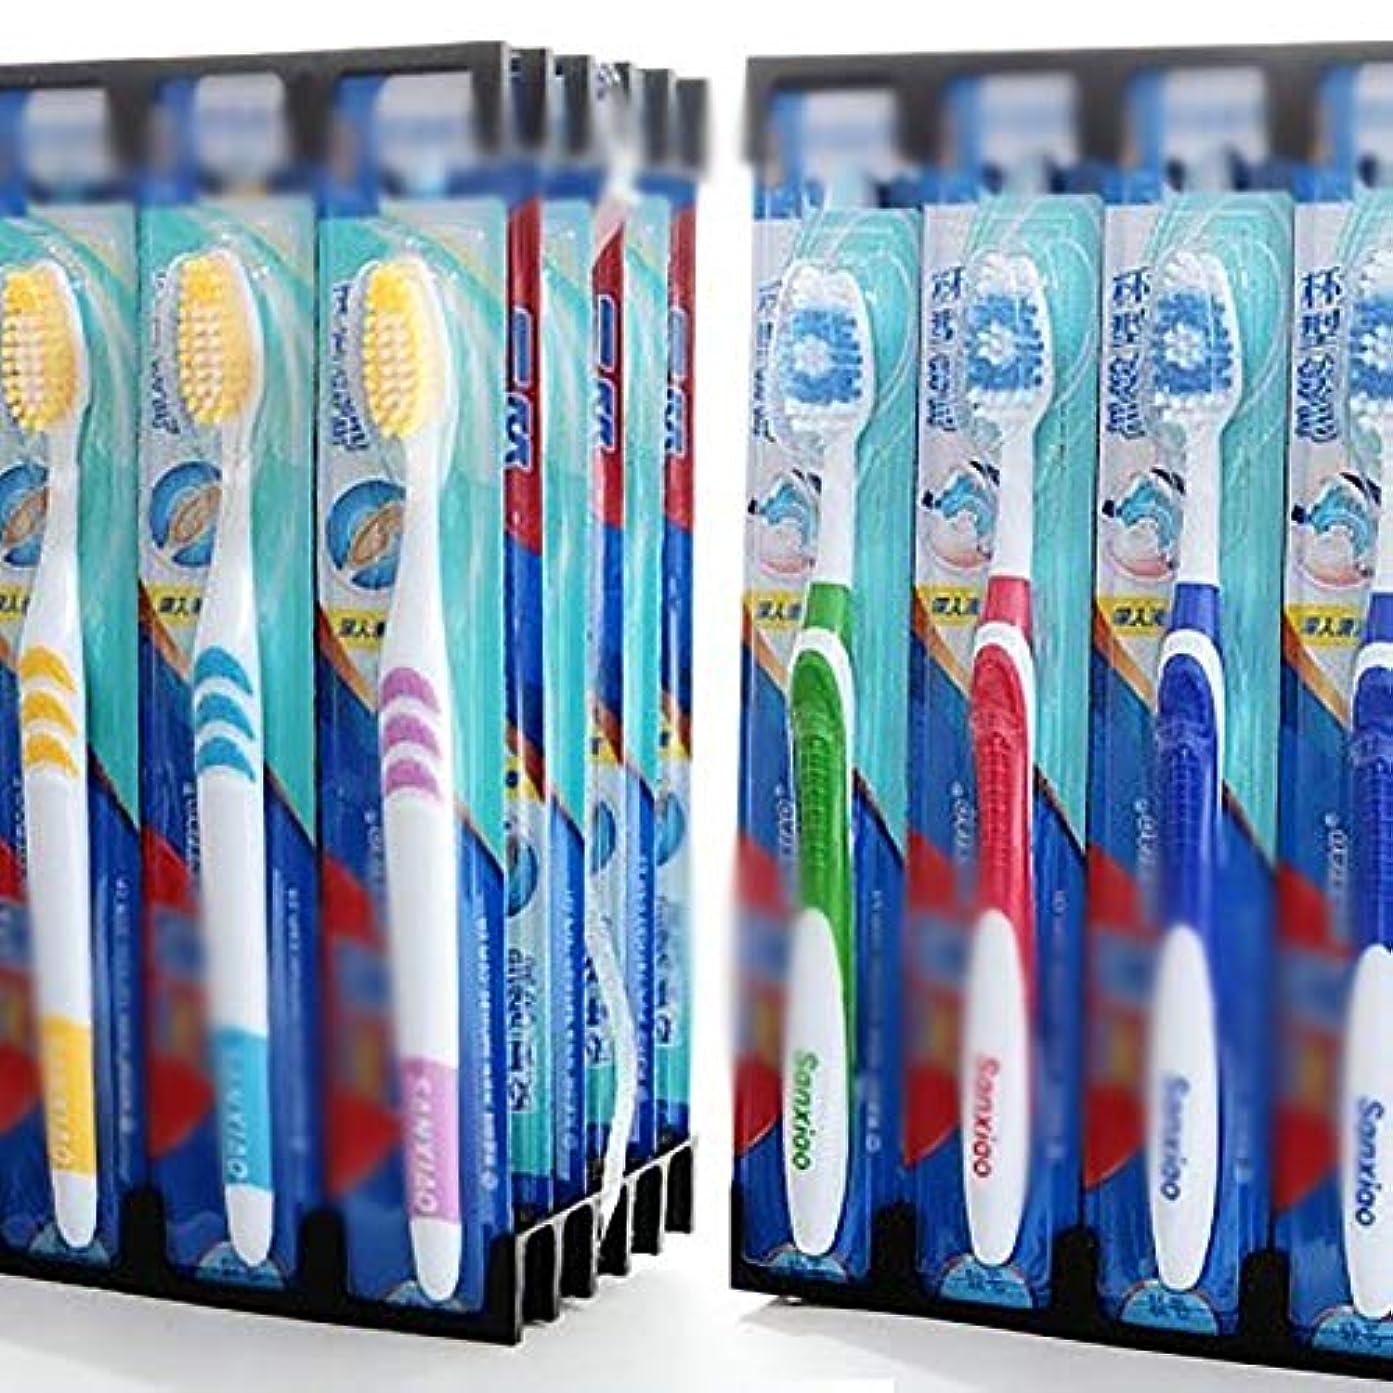 遠洋のうめき声警告する歯ブラシ 30本の歯ブラシ、旅行柔らかい歯ブラシ、歯ブラシのバルク極細歯ブラシ - 使用可能なスタイルの3種類 KHL (色 : C, サイズ : 30 packs)